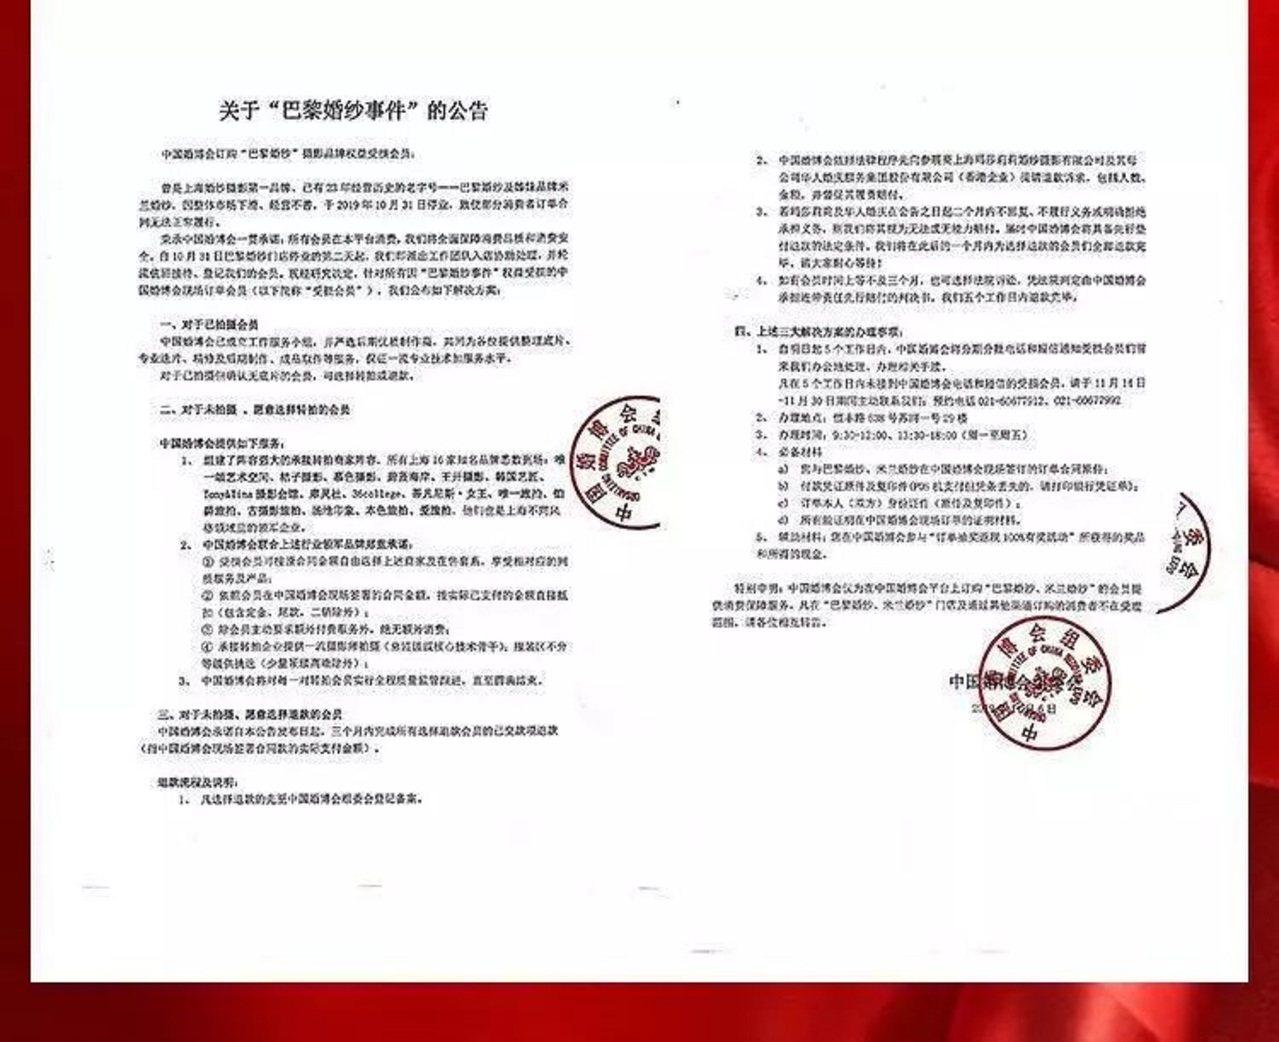 中國婚博會發布的「關於『巴黎婚紗』事件的公告」。圖/上觀新聞